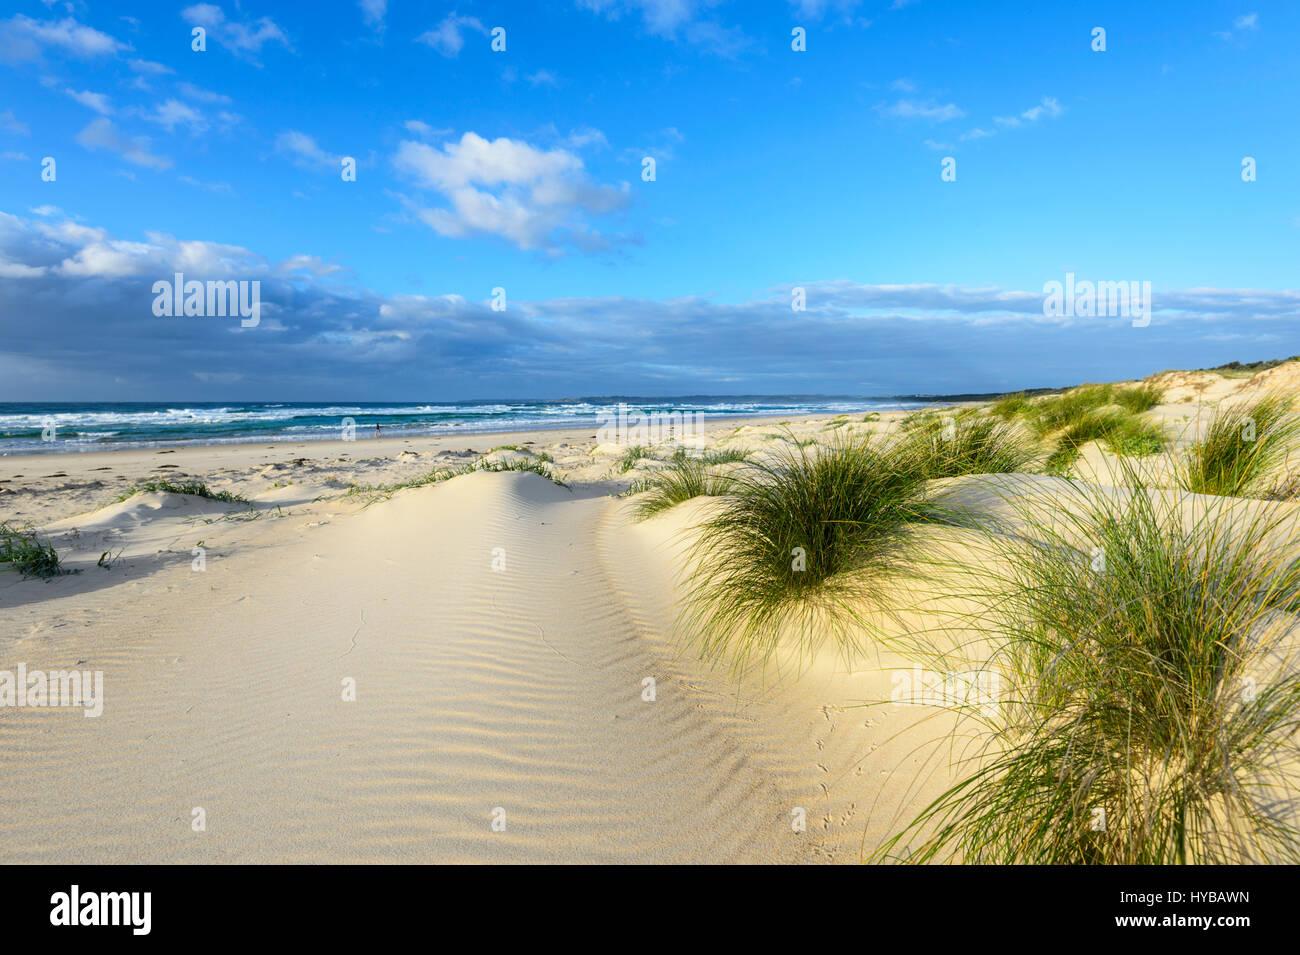 Dunes de sable pittoresque et d'herbe à Tufts Conjola Beach, Shoalhaven, Côte Sud, New South Wales, NSW, Australie Banque D'Images